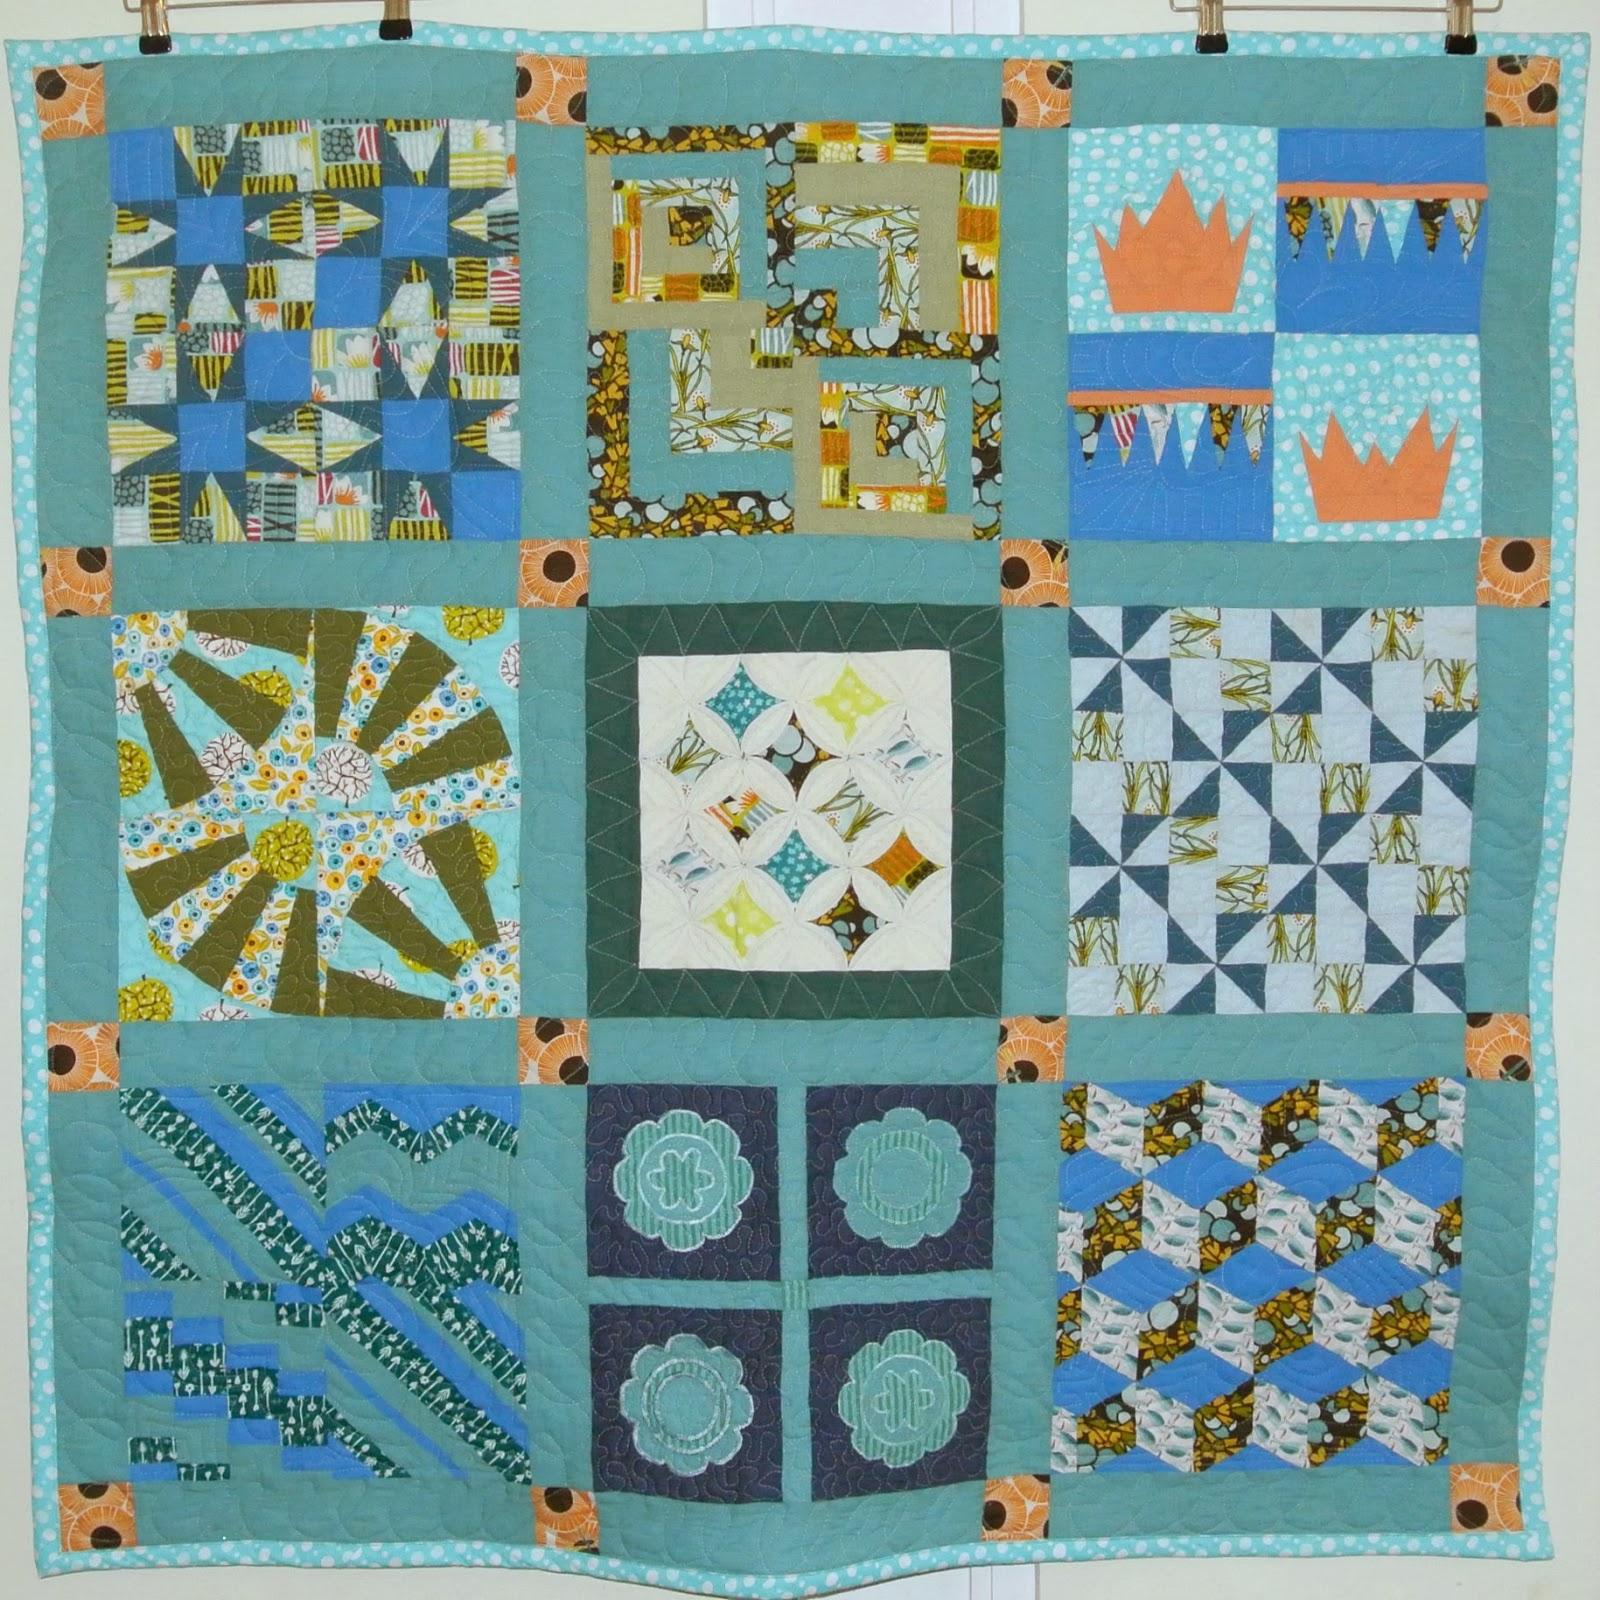 Afwerken Van Een Quilt.Een Blok Per Maand December Les 4 Sew Natural Blog Bloglovin